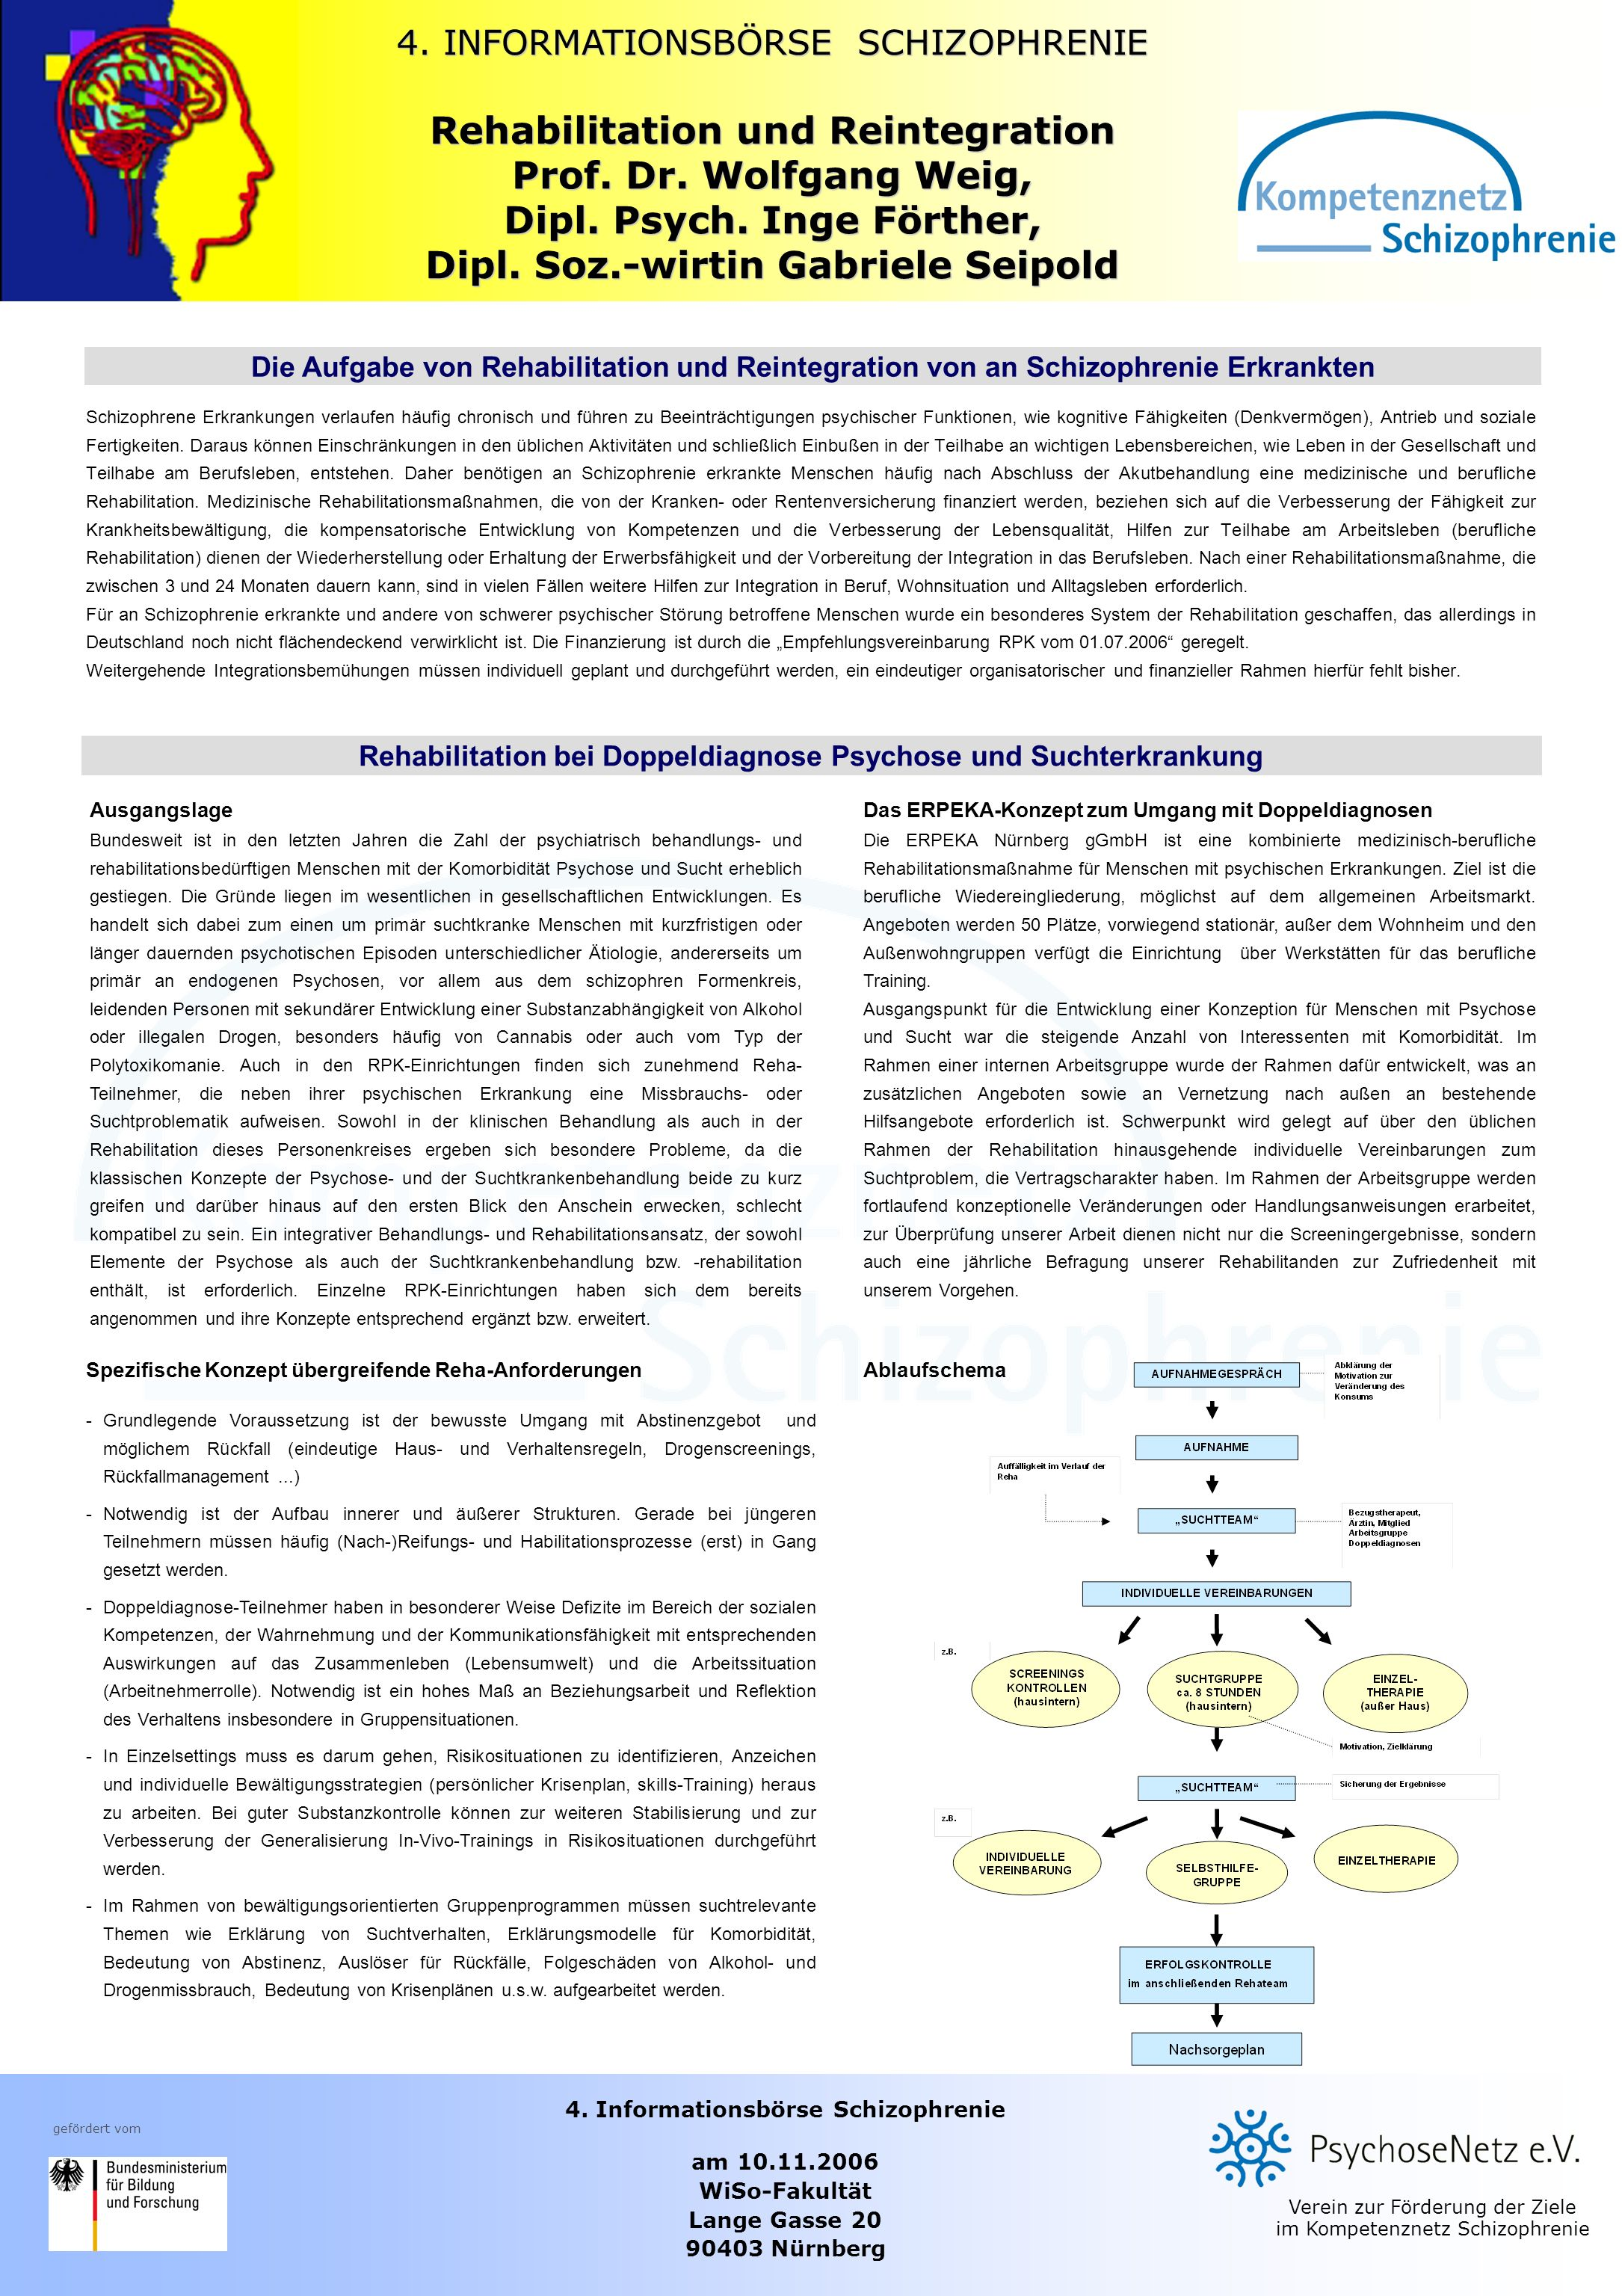 Rehabilitation und Reintegration Prof. Dr. Wolfgang Weig,